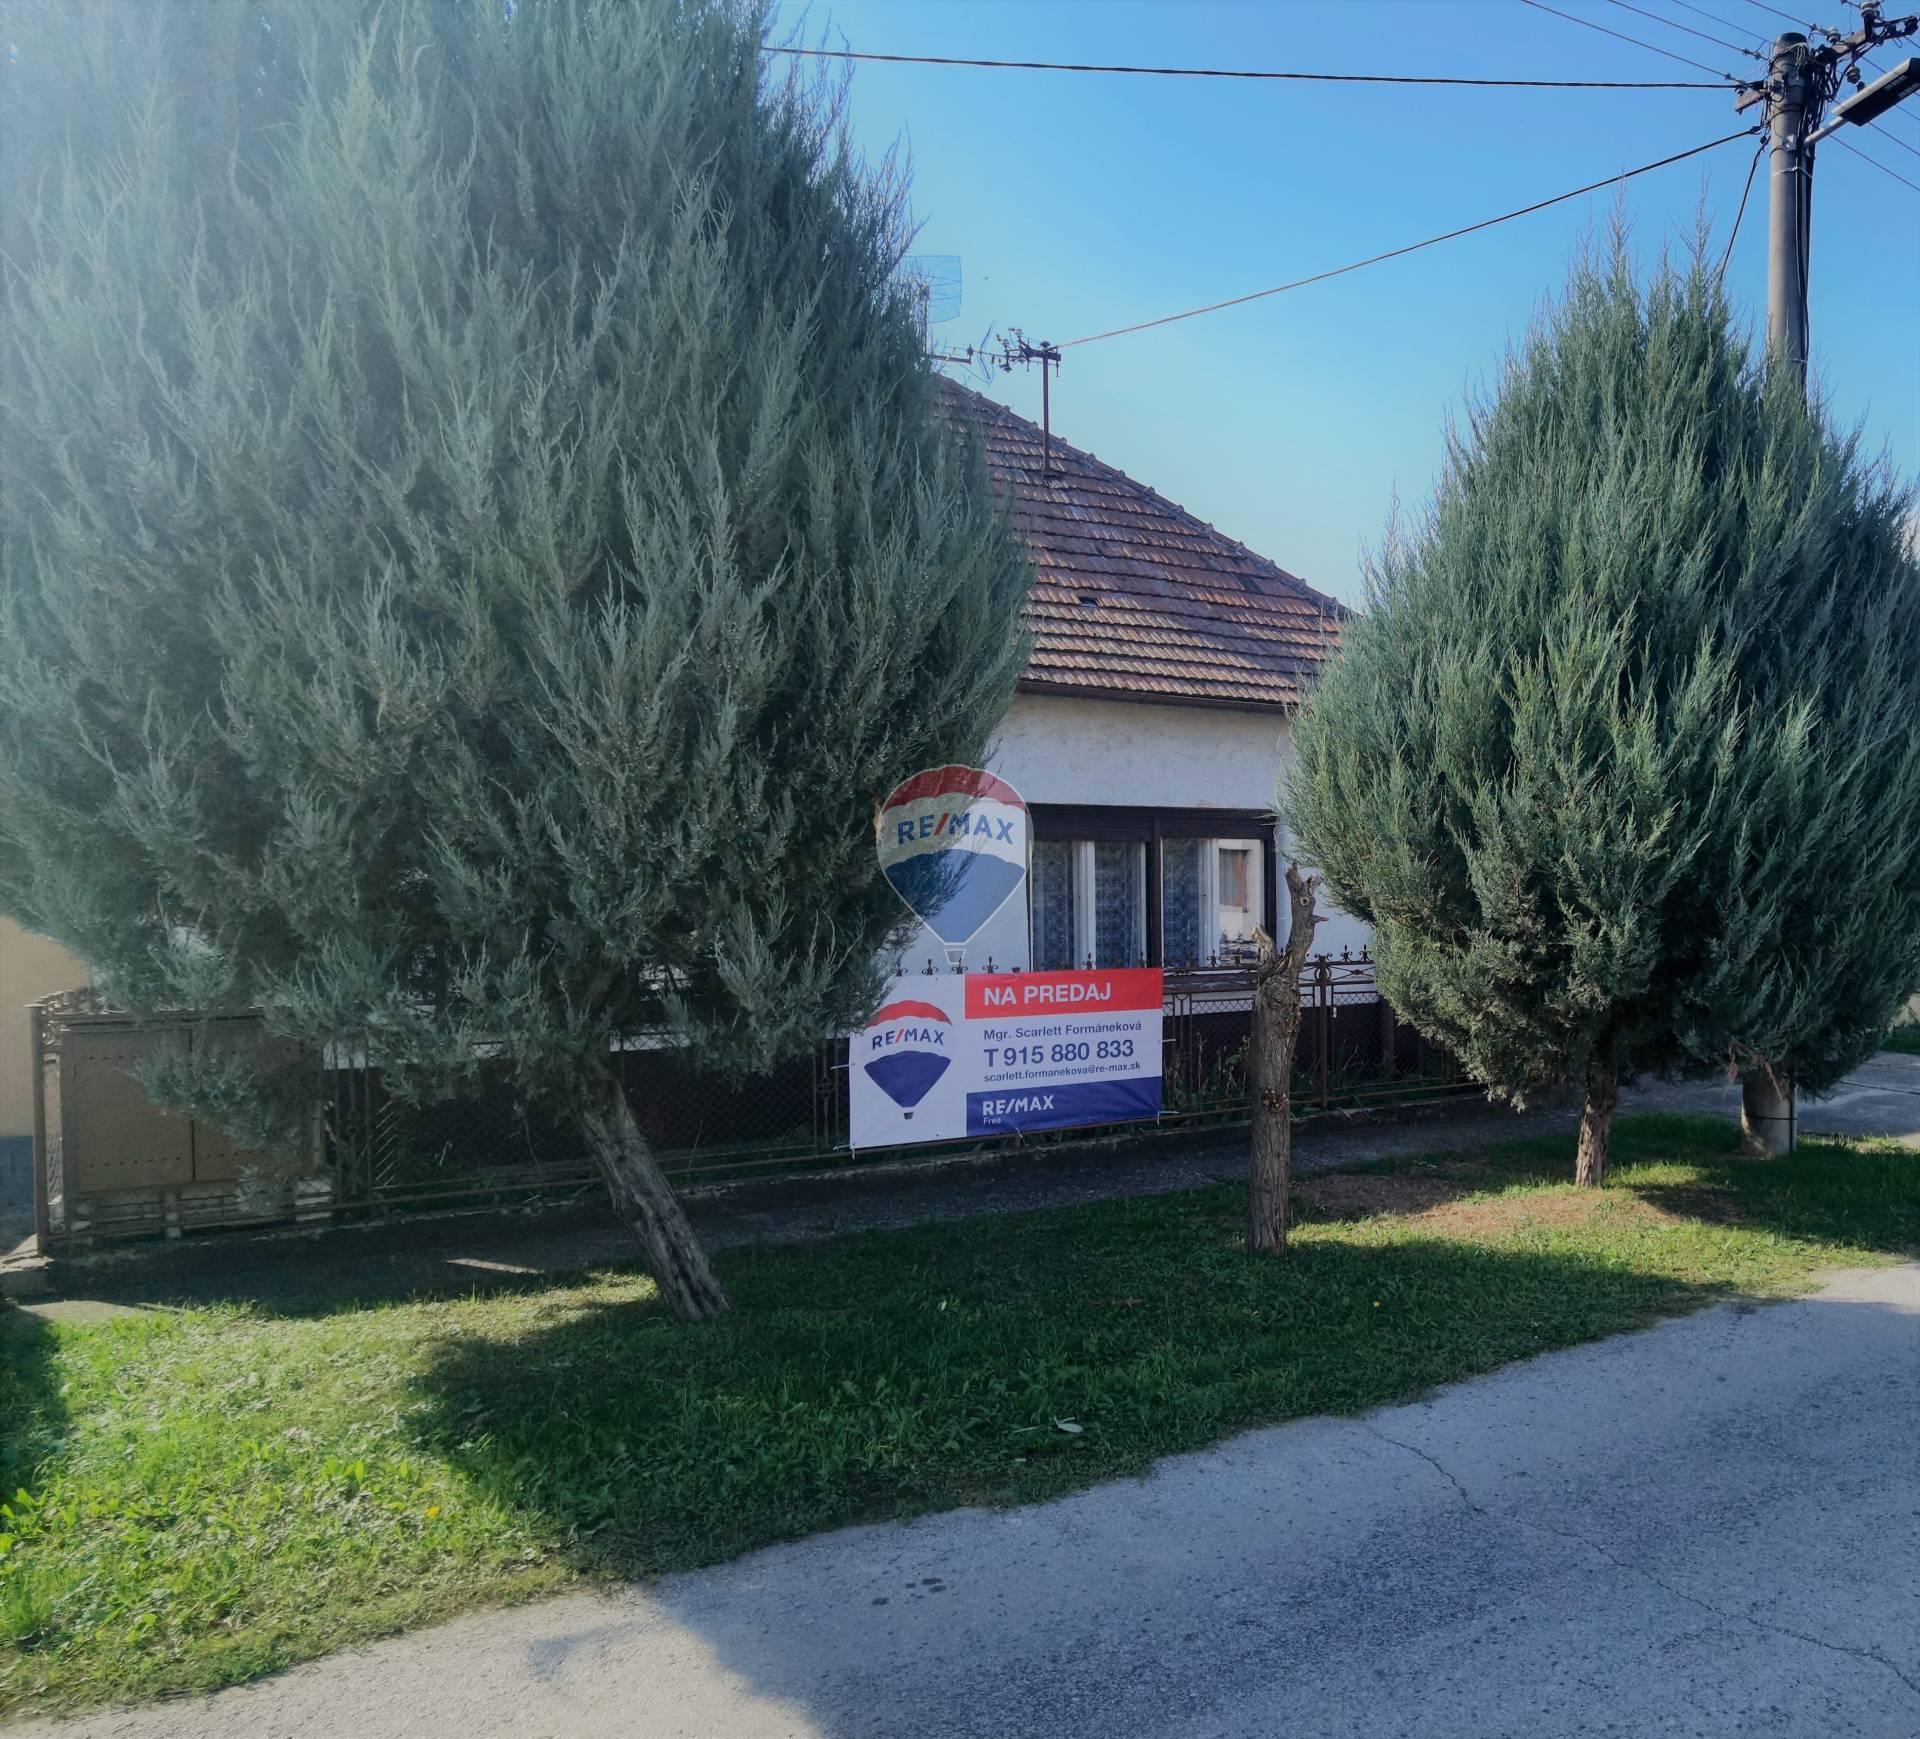 Na predaj: Rodinný dom Veľké Šúrovce